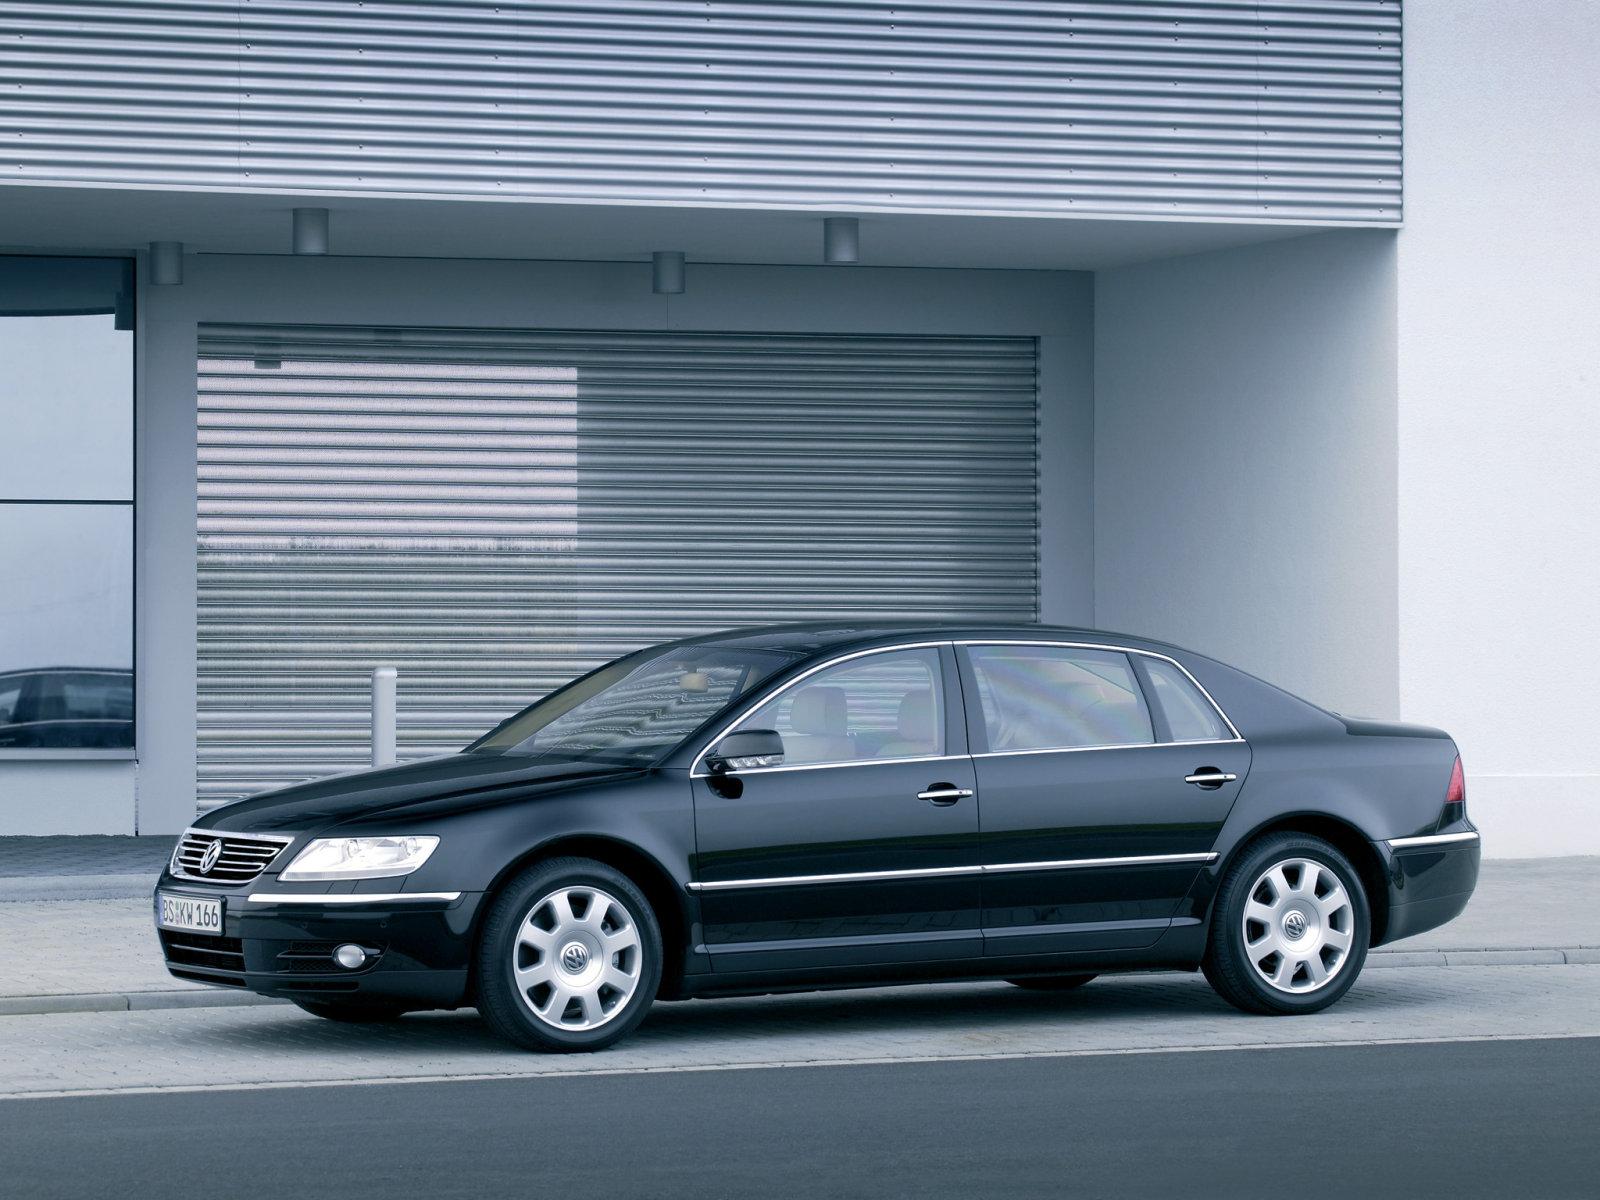 Volkswagen phaeton технические характеристики 2014